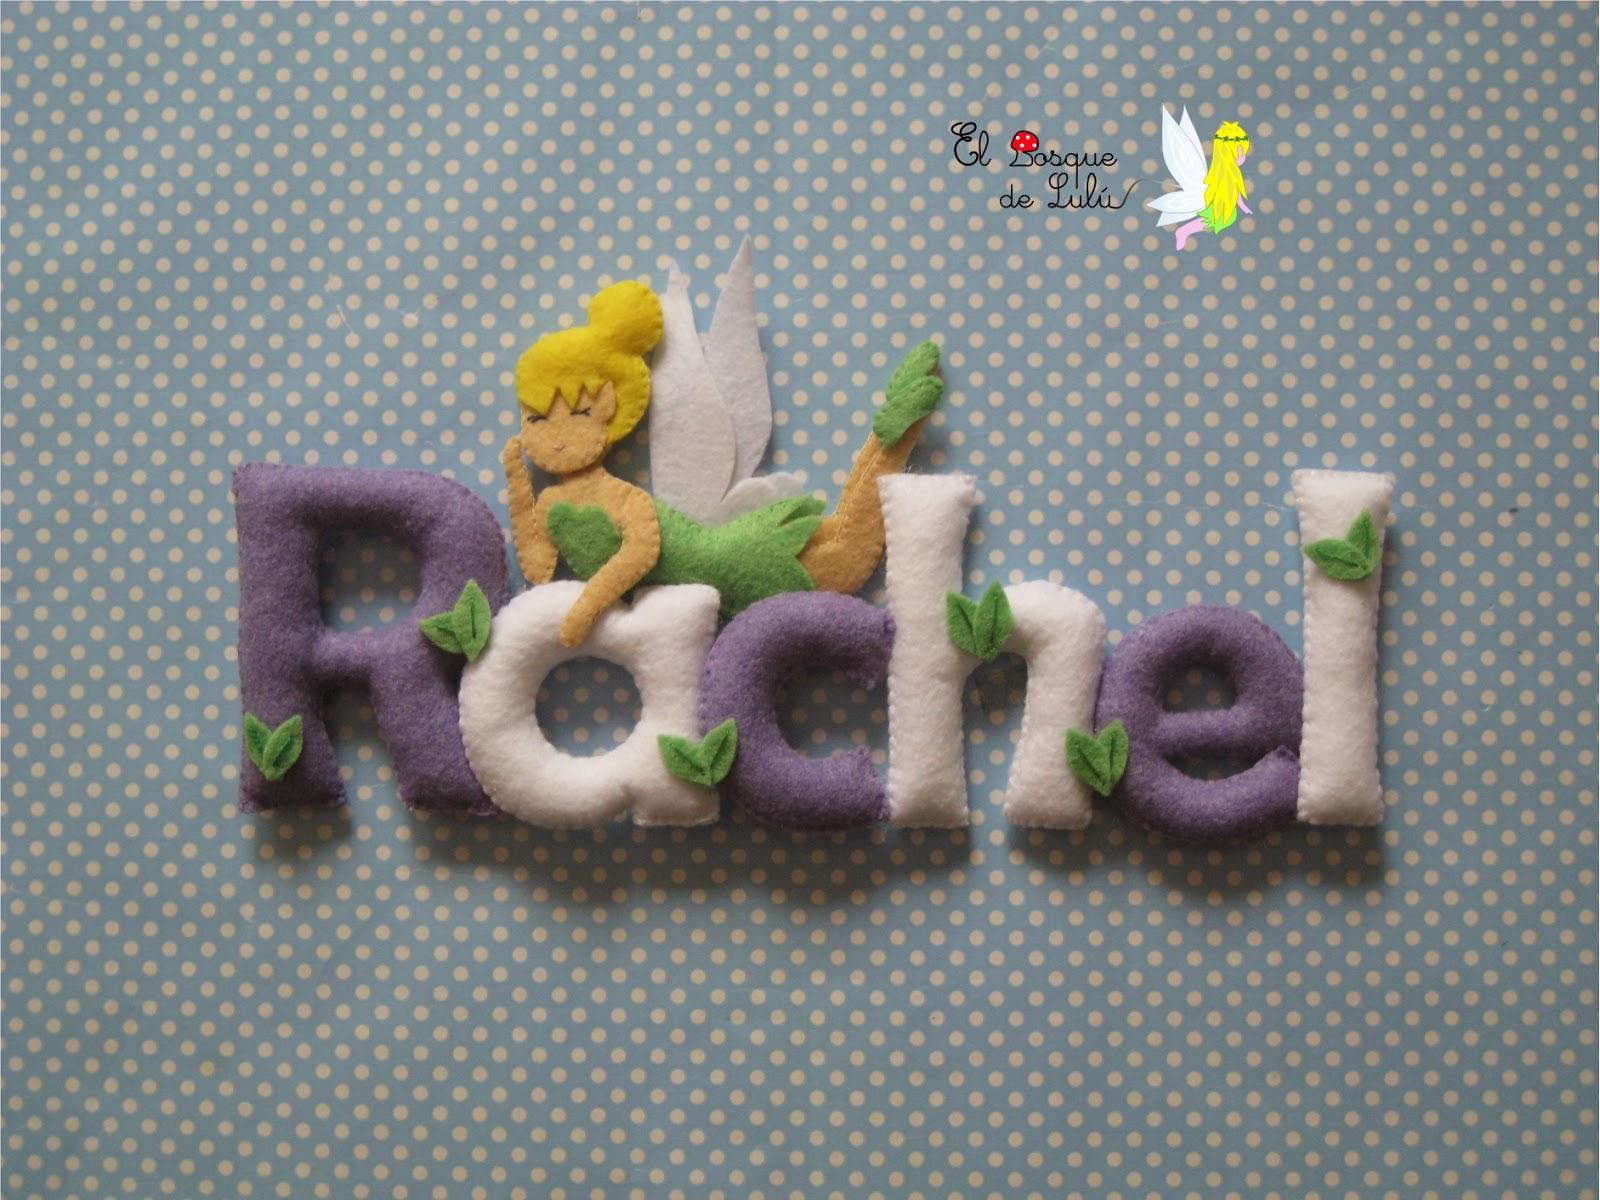 nombre-decorativo-fieltro-Rachel-detalle-nacimiento-infantil